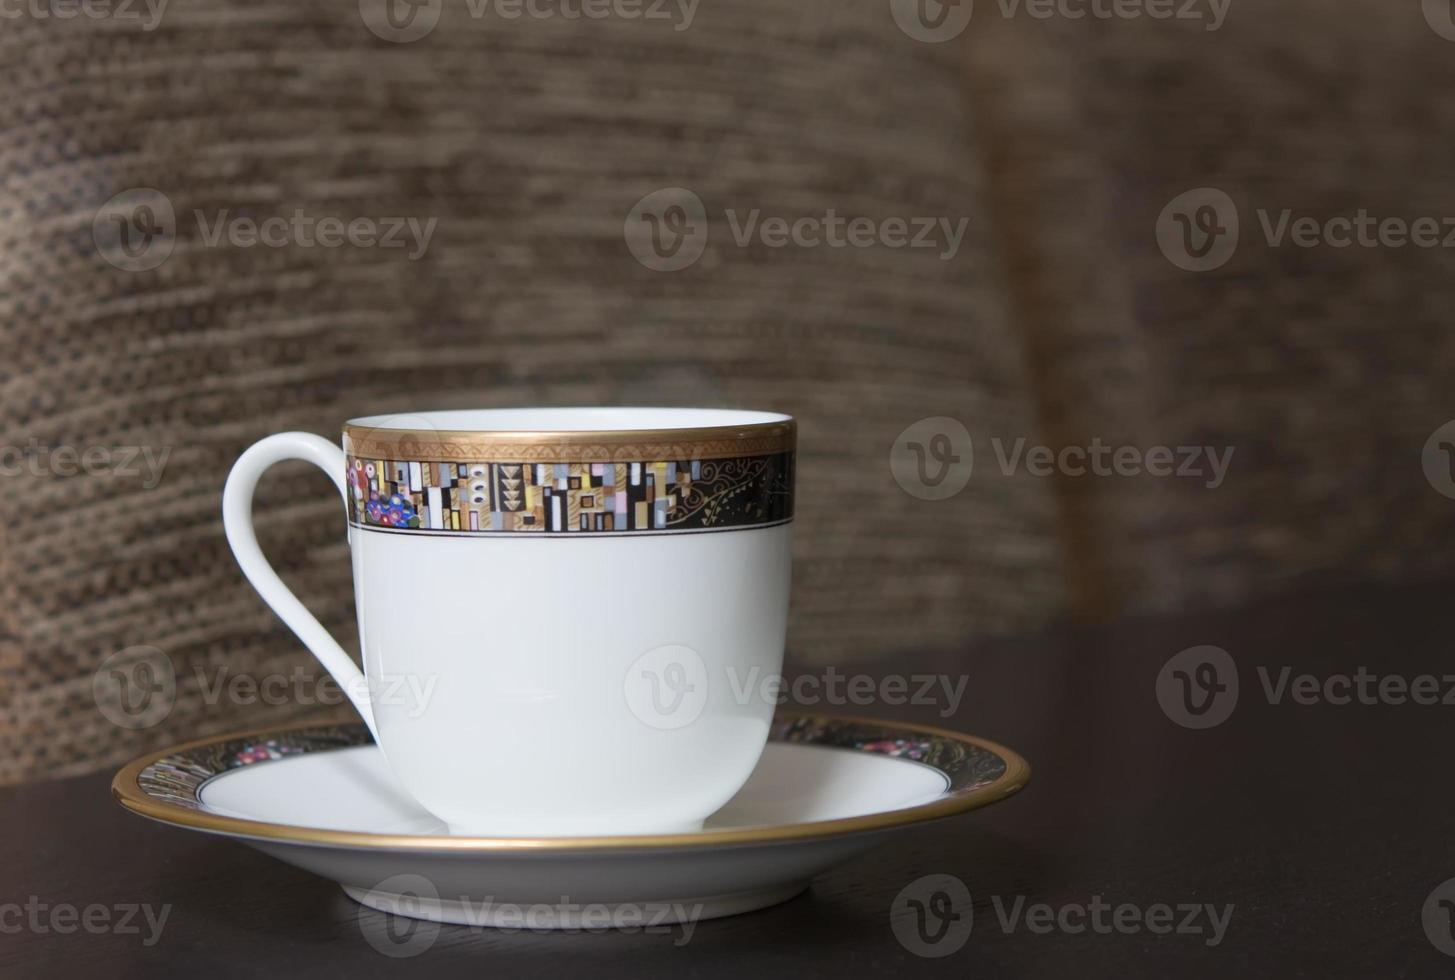 Porzellantasse auf Untertasse foto